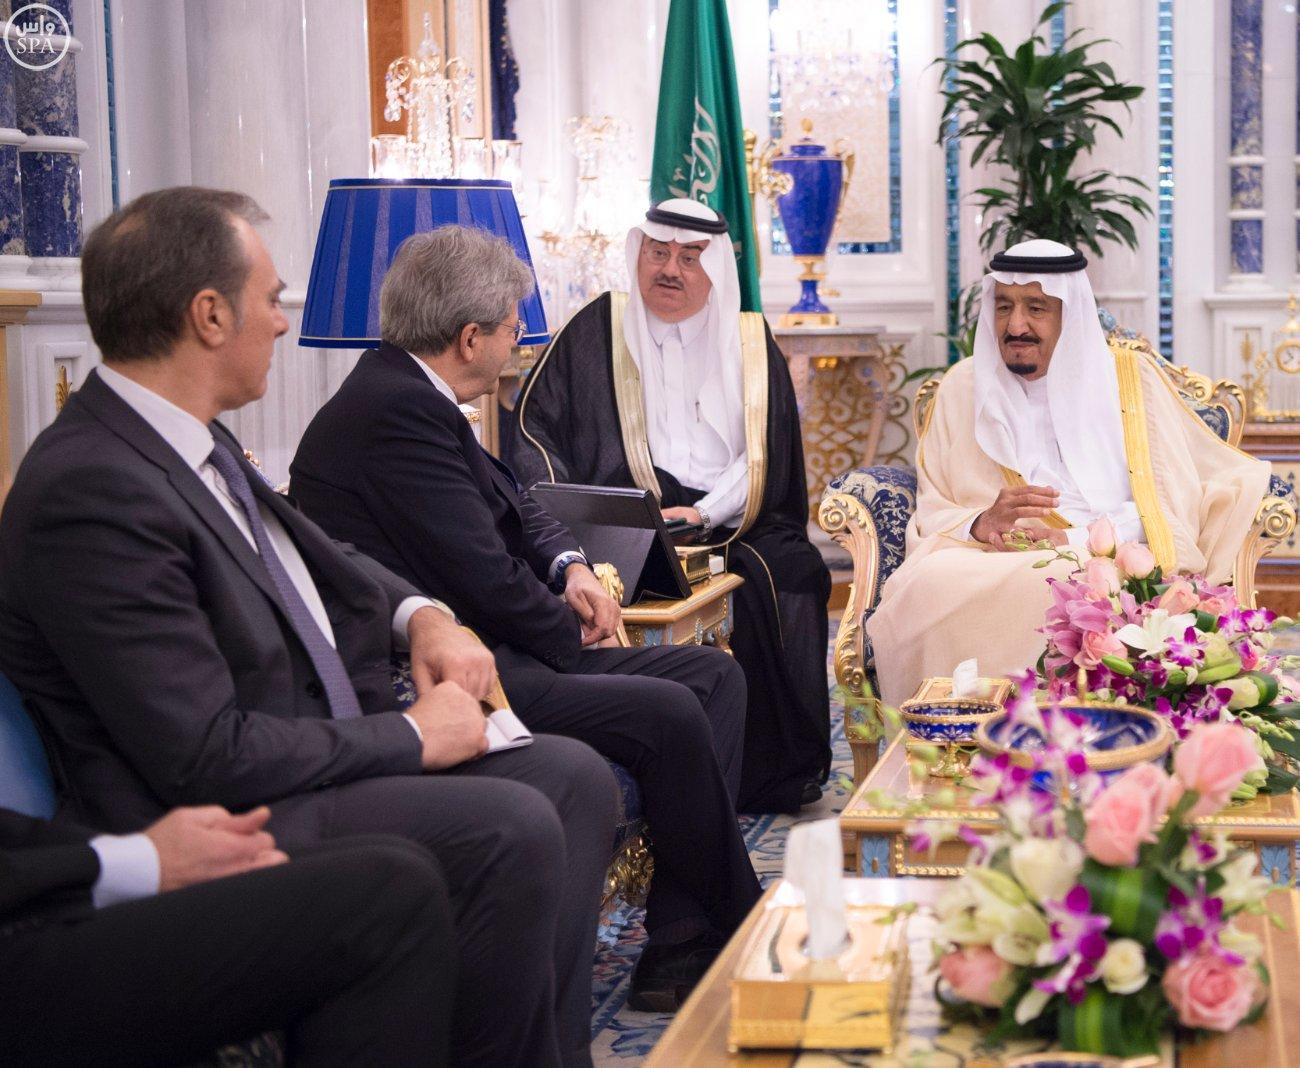 خادم الحرمين الشريفين يستقبل وزير الخارجية والتعاون الدولي بجمهورية إيطاليا (3)